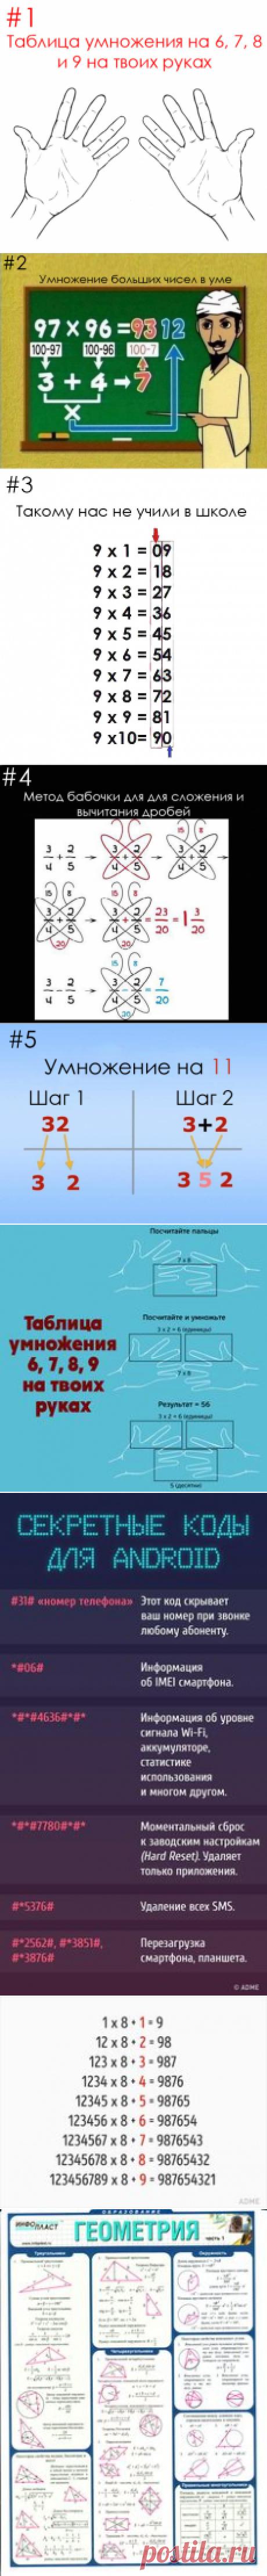 Простые математические трюки | Полезные советы | Search and Posts